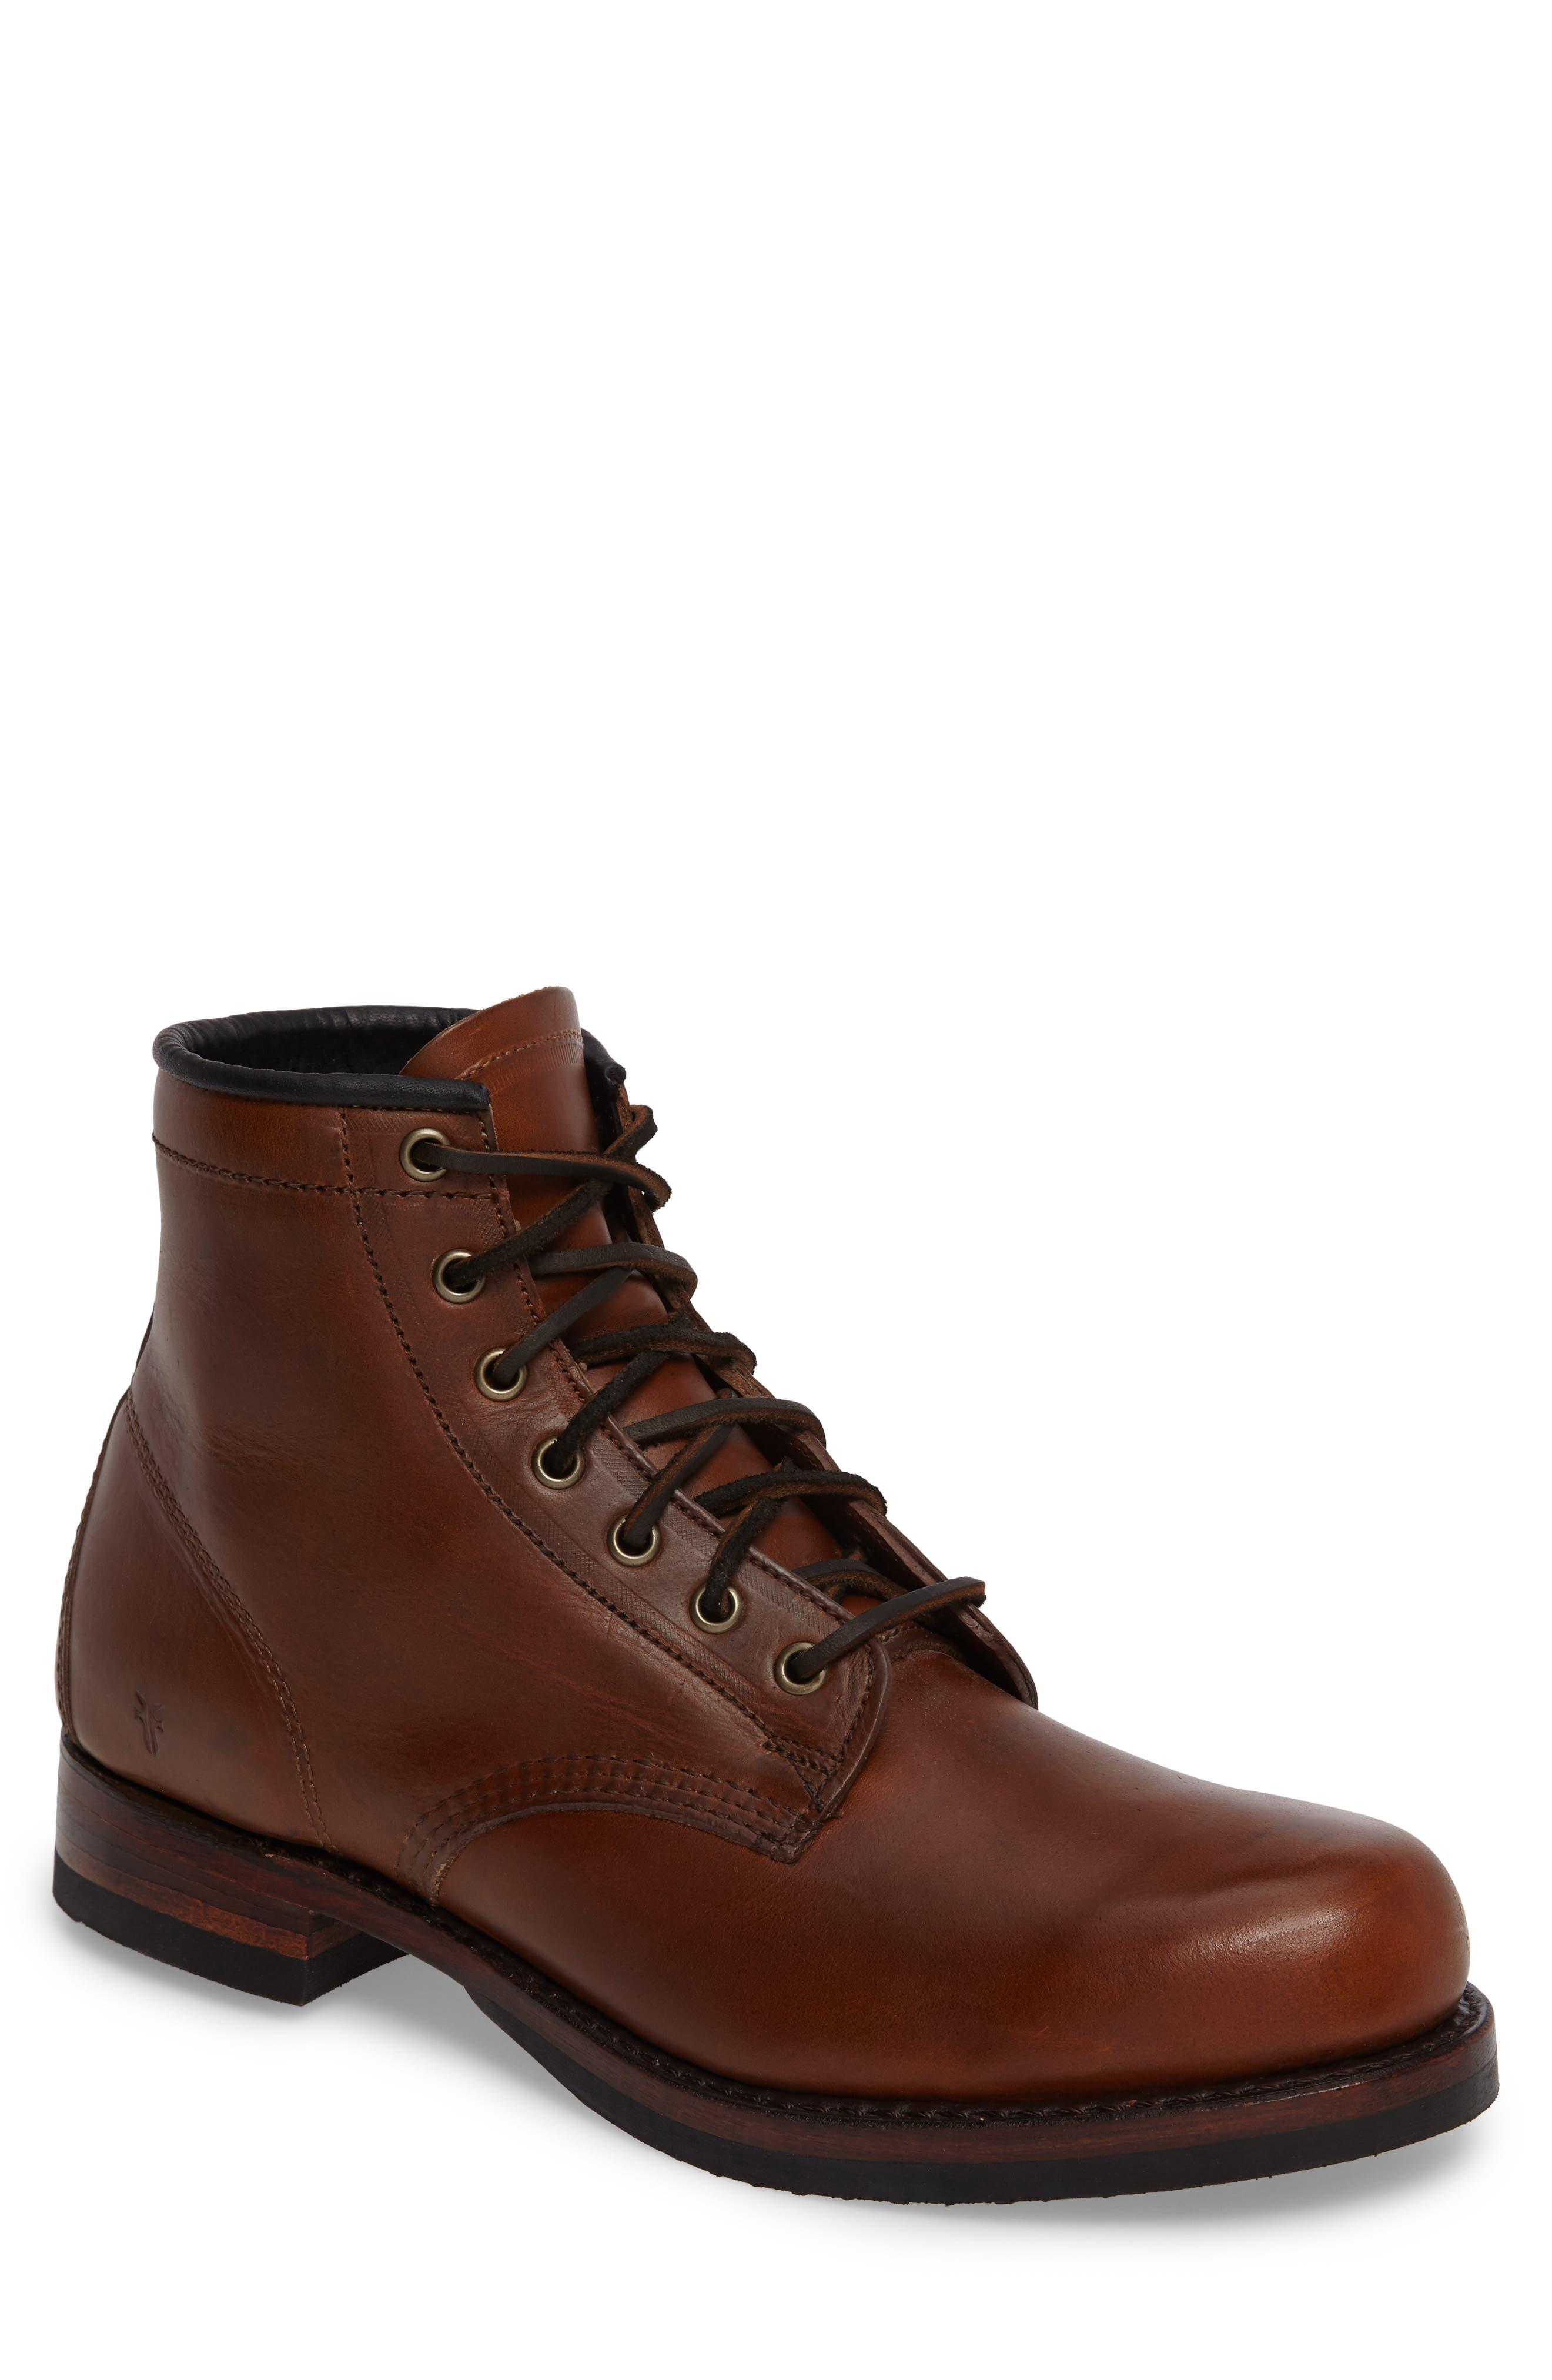 Alternate Image 1 Selected - Frye John Addison Plain Toe Boot (Men)